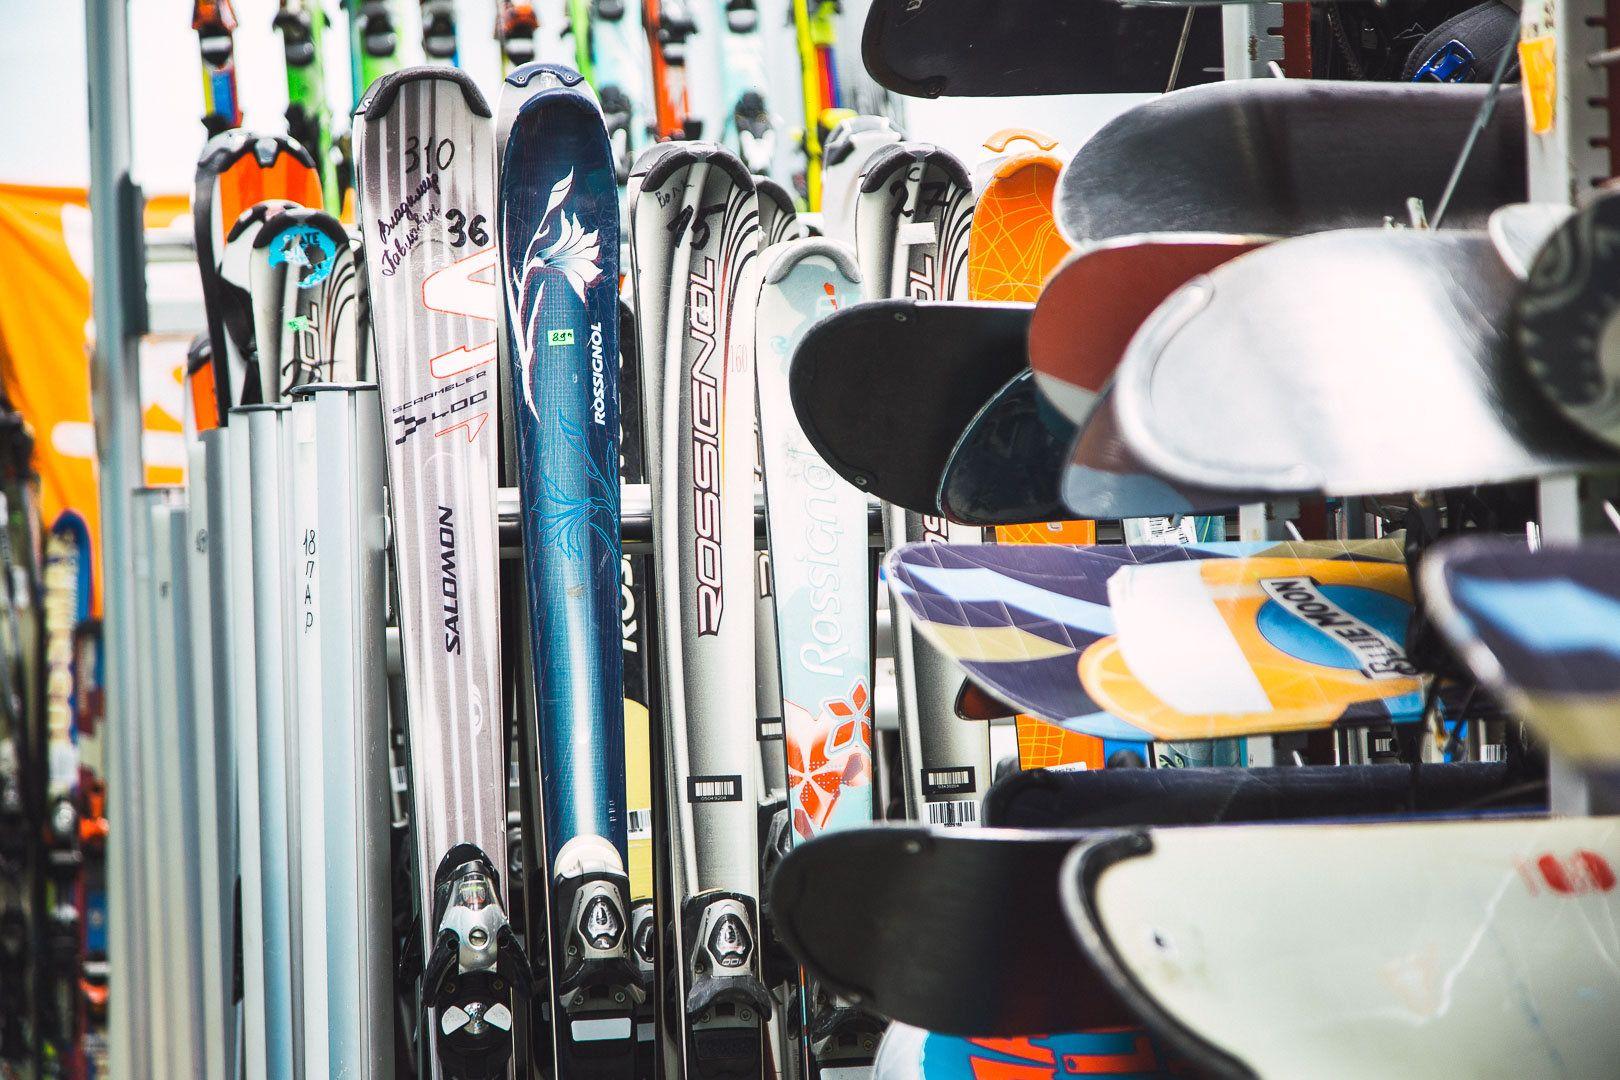 прокат лыж и коньков картинка макияжа стиле